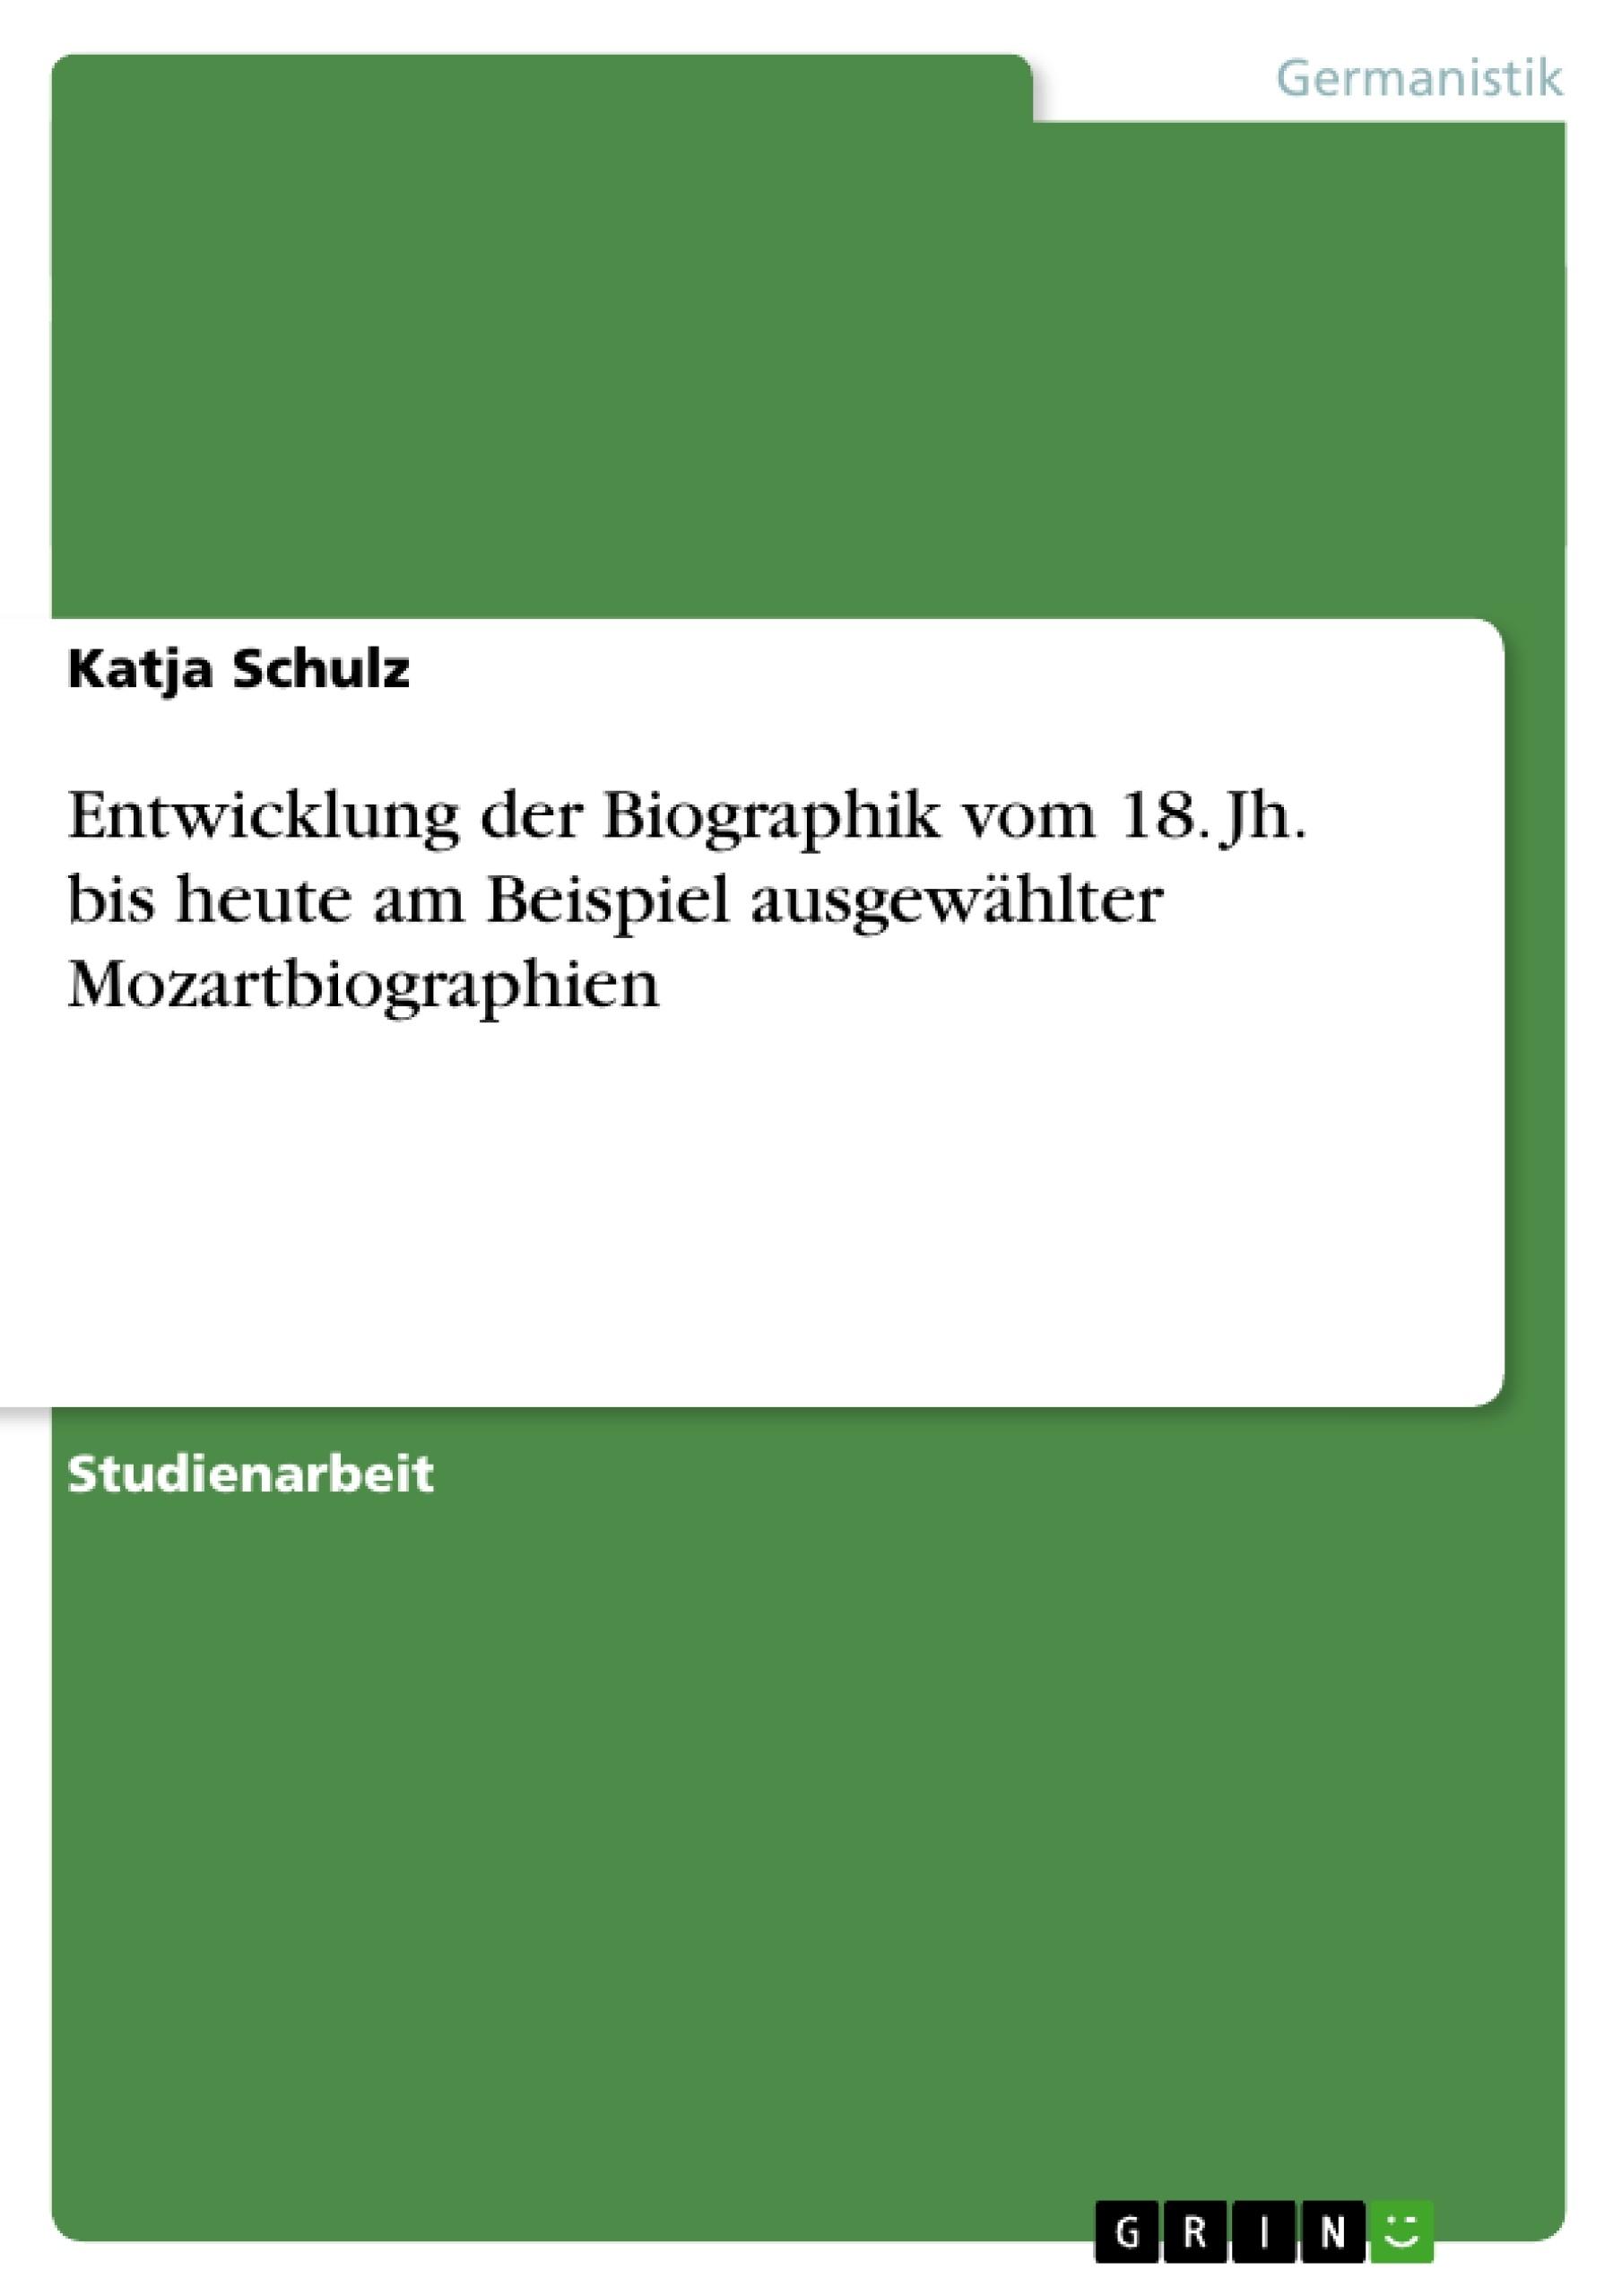 Titel: Entwicklung der Biographik vom 18. Jh. bis heute am Beispiel ausgewählter Mozartbiographien